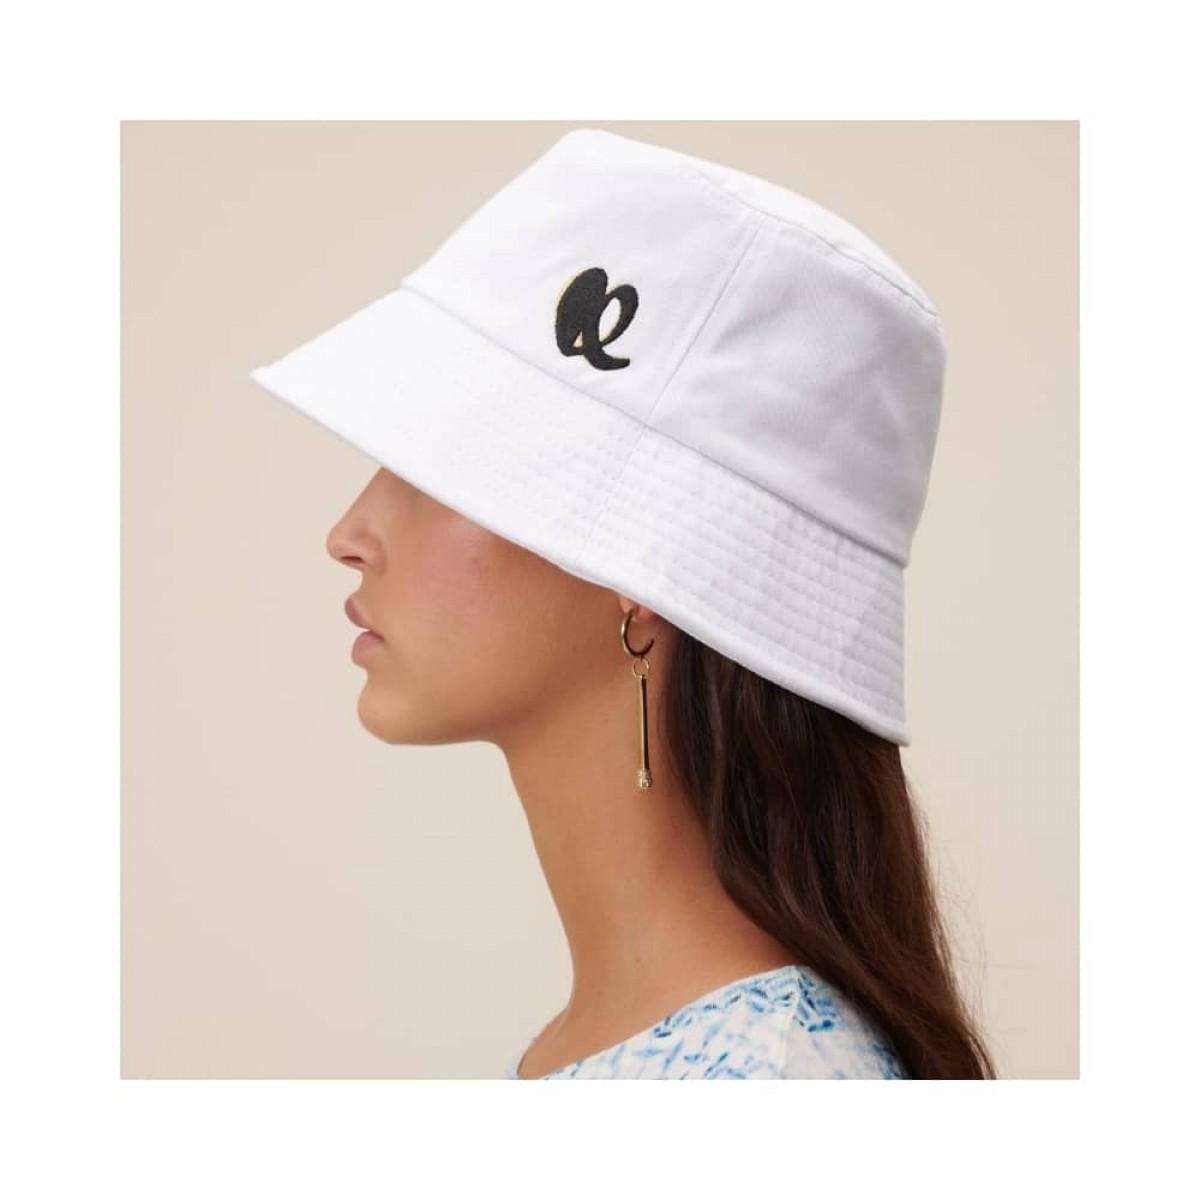 hat alicia bøllehat - white - model fra siden